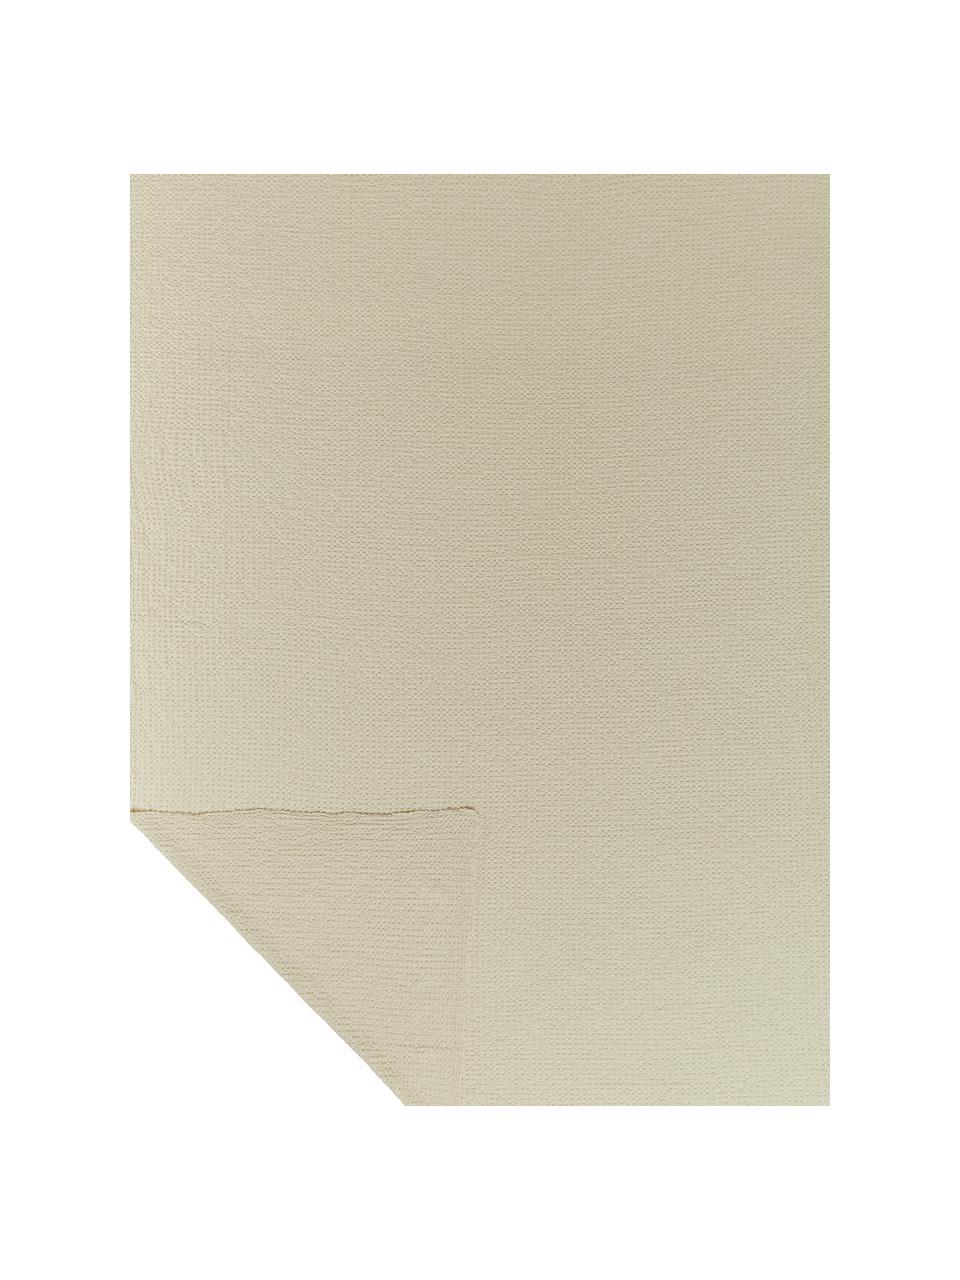 Tagesdecke Vigo mit strukturierter Oberfläche, 100% Baumwolle, Creme, B 220 x L 240 cm (für Betten ab 160 x 200)